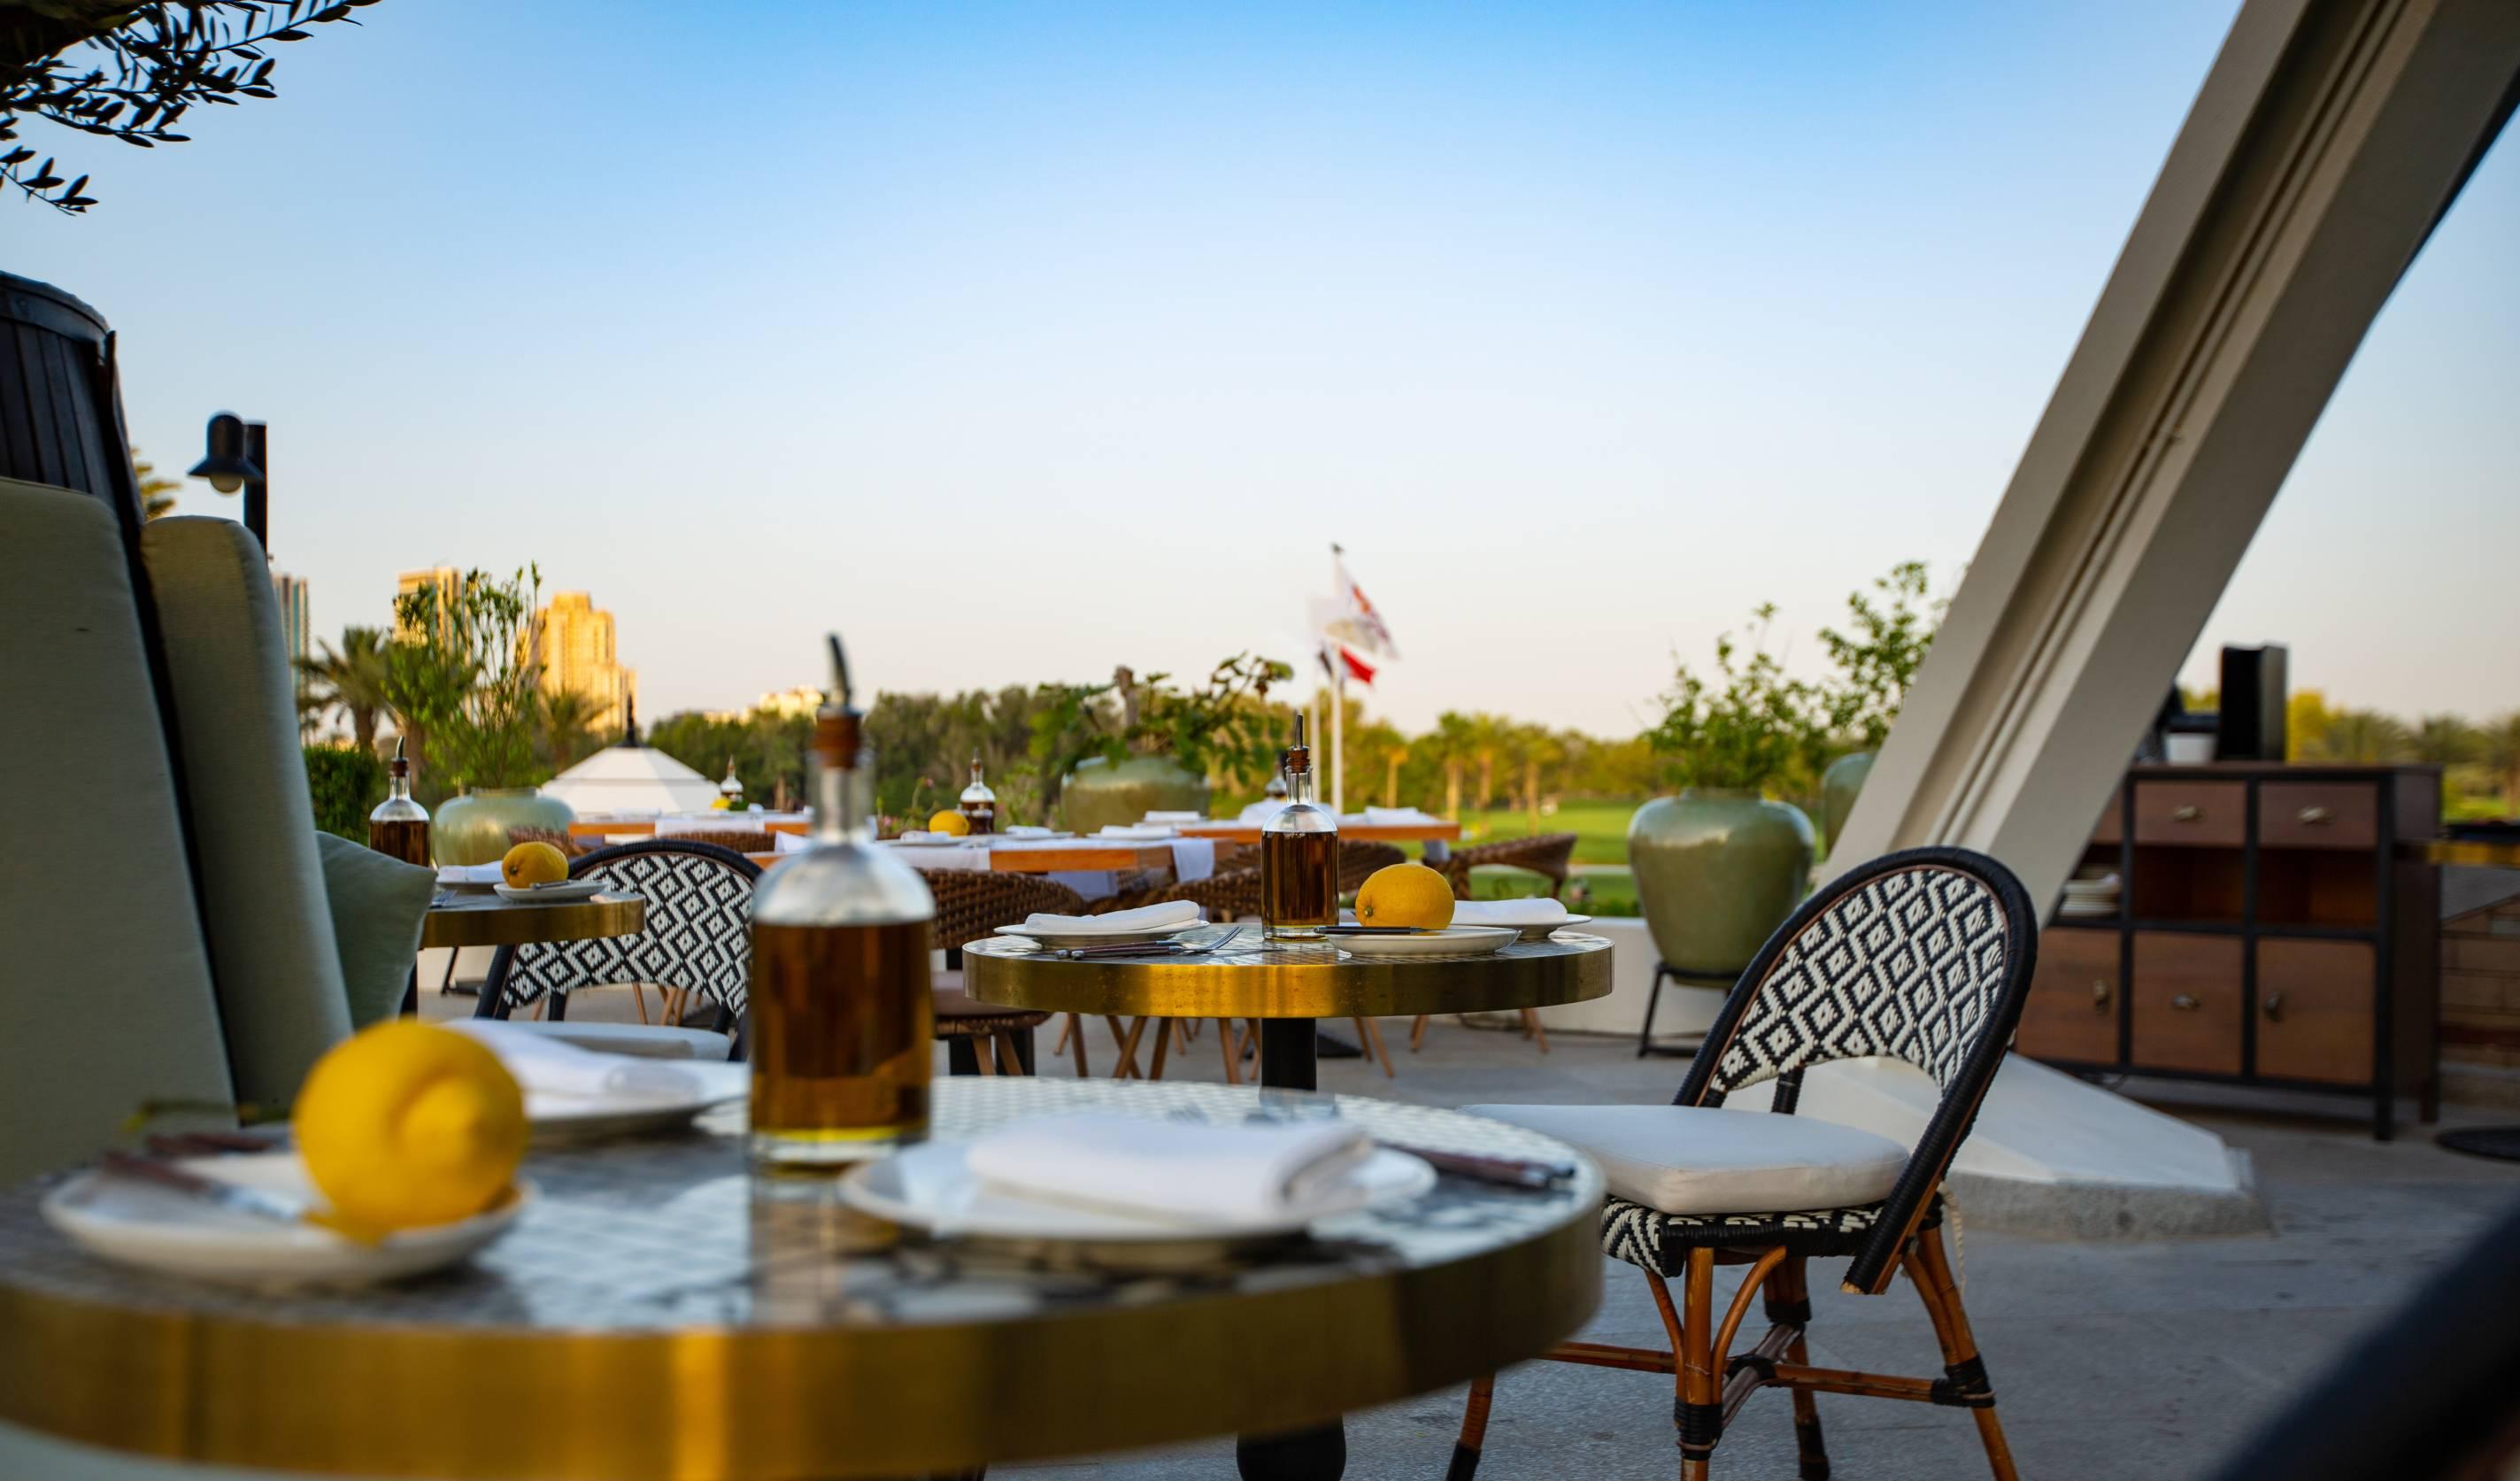 إعادة افتتاح تراس مطعم كارين الراقي المطل على ملاعب الجولف الخضراء